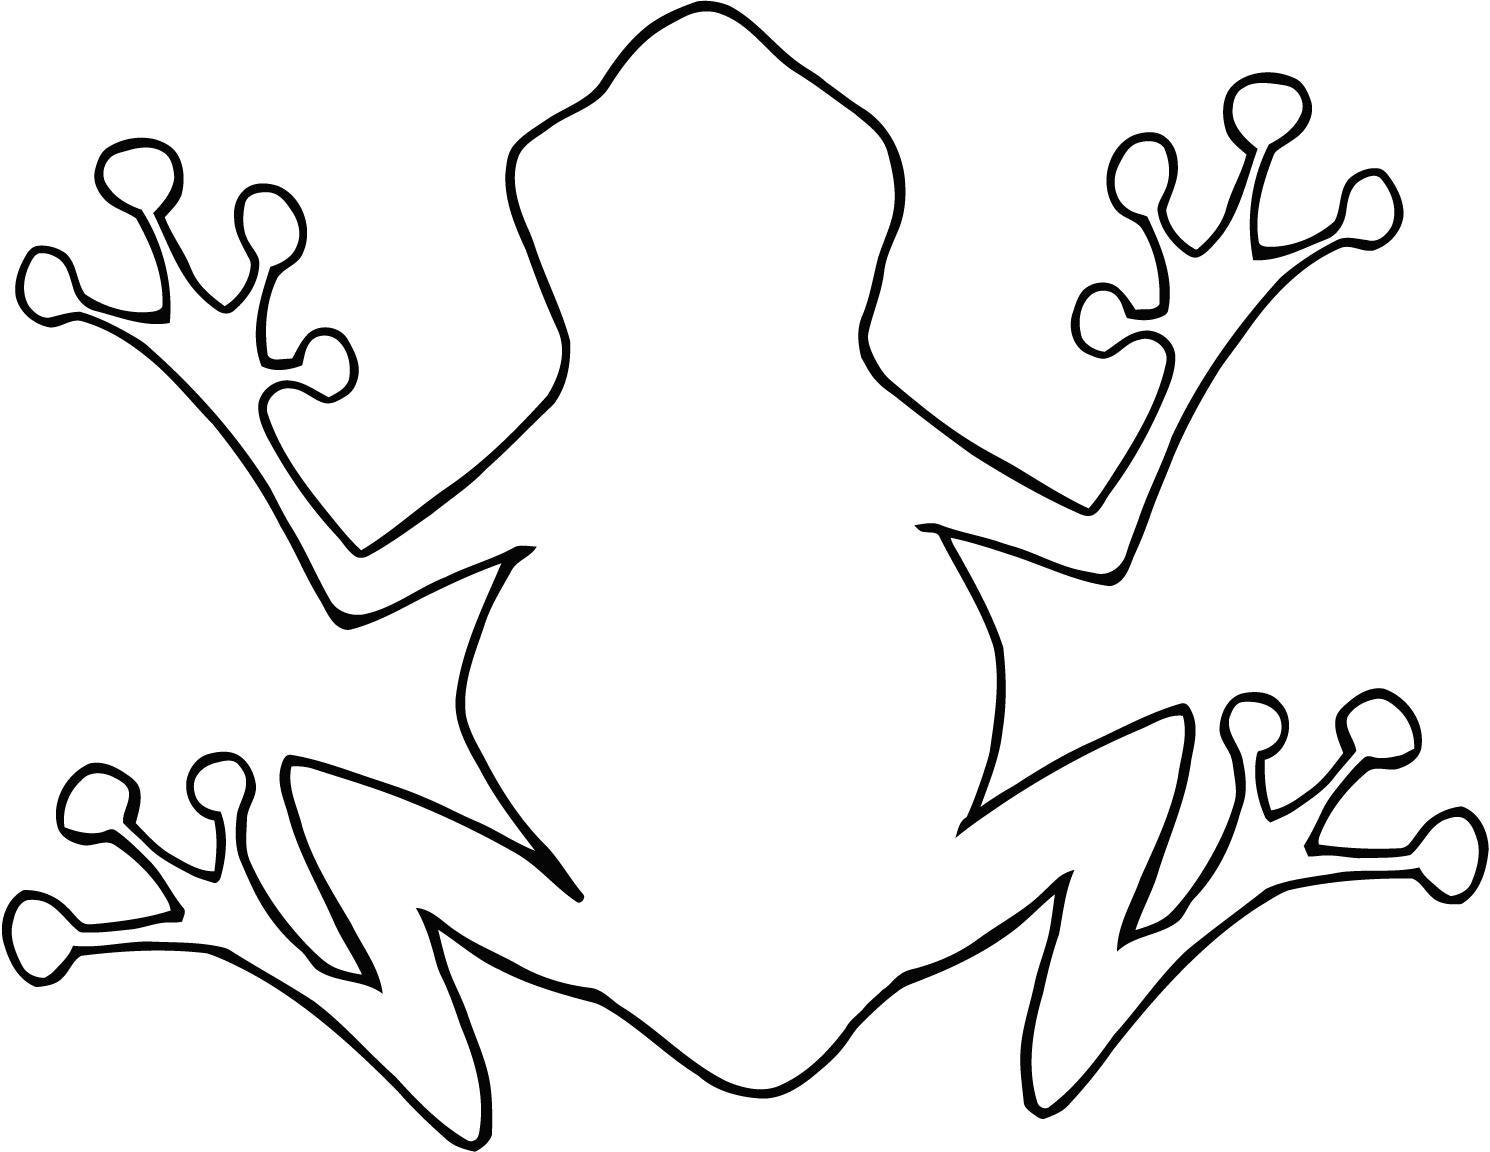 Frosch Ausmalbilder Zum Ausdrucken  Malvorlagen fur kinder Ausmalbilder Frosch kostenlos